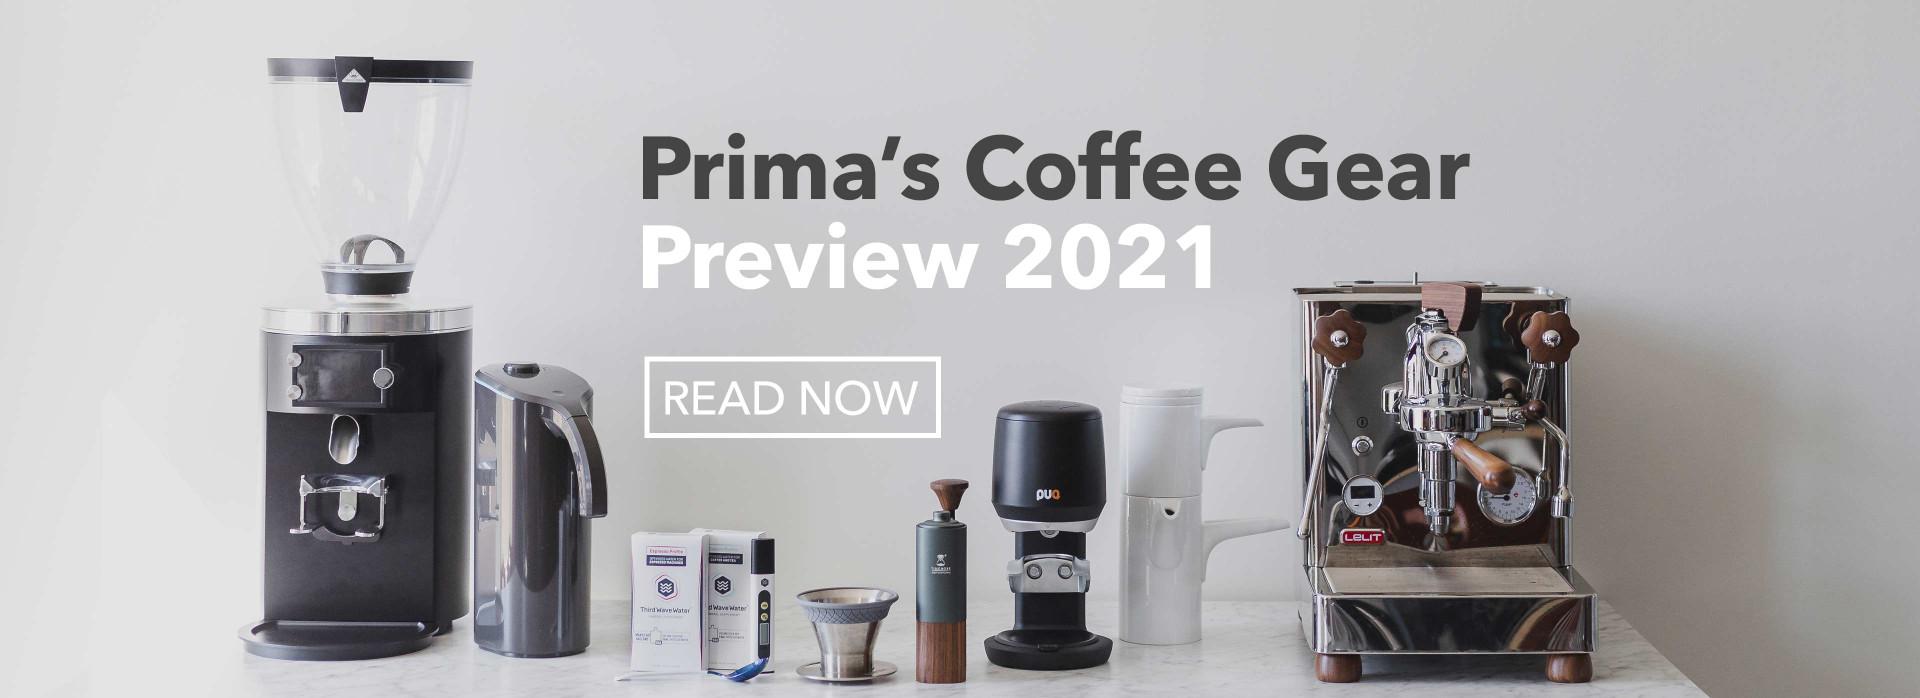 Prima's Coffee Gear Preview 2021